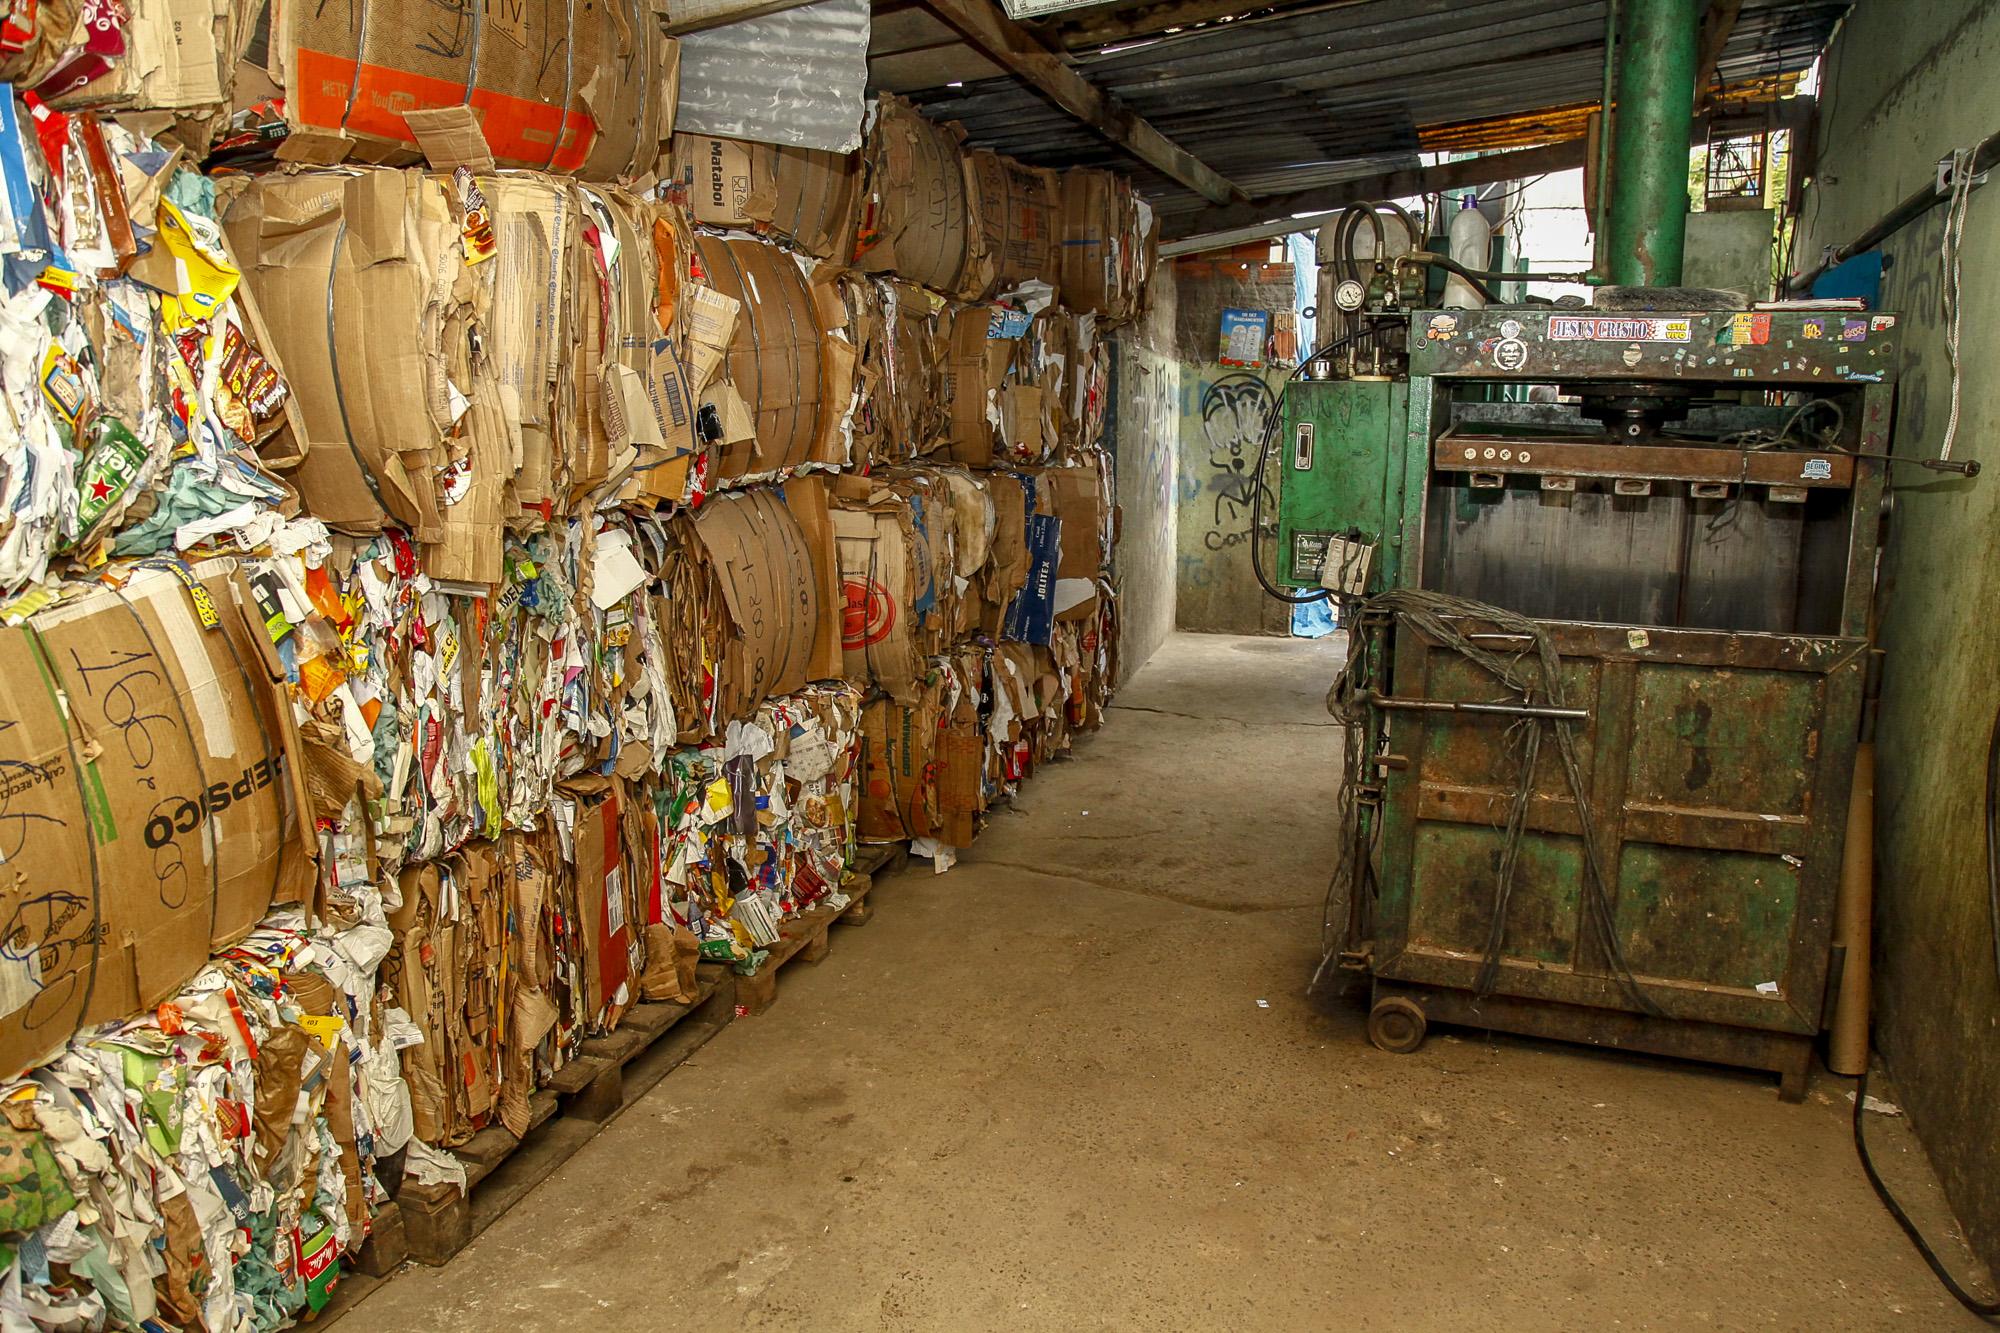 Coleta seletiva sofre aumento de quase uma tonelada de resíduos durante a quarentena (Crédito: Divulgação Prefeitura)